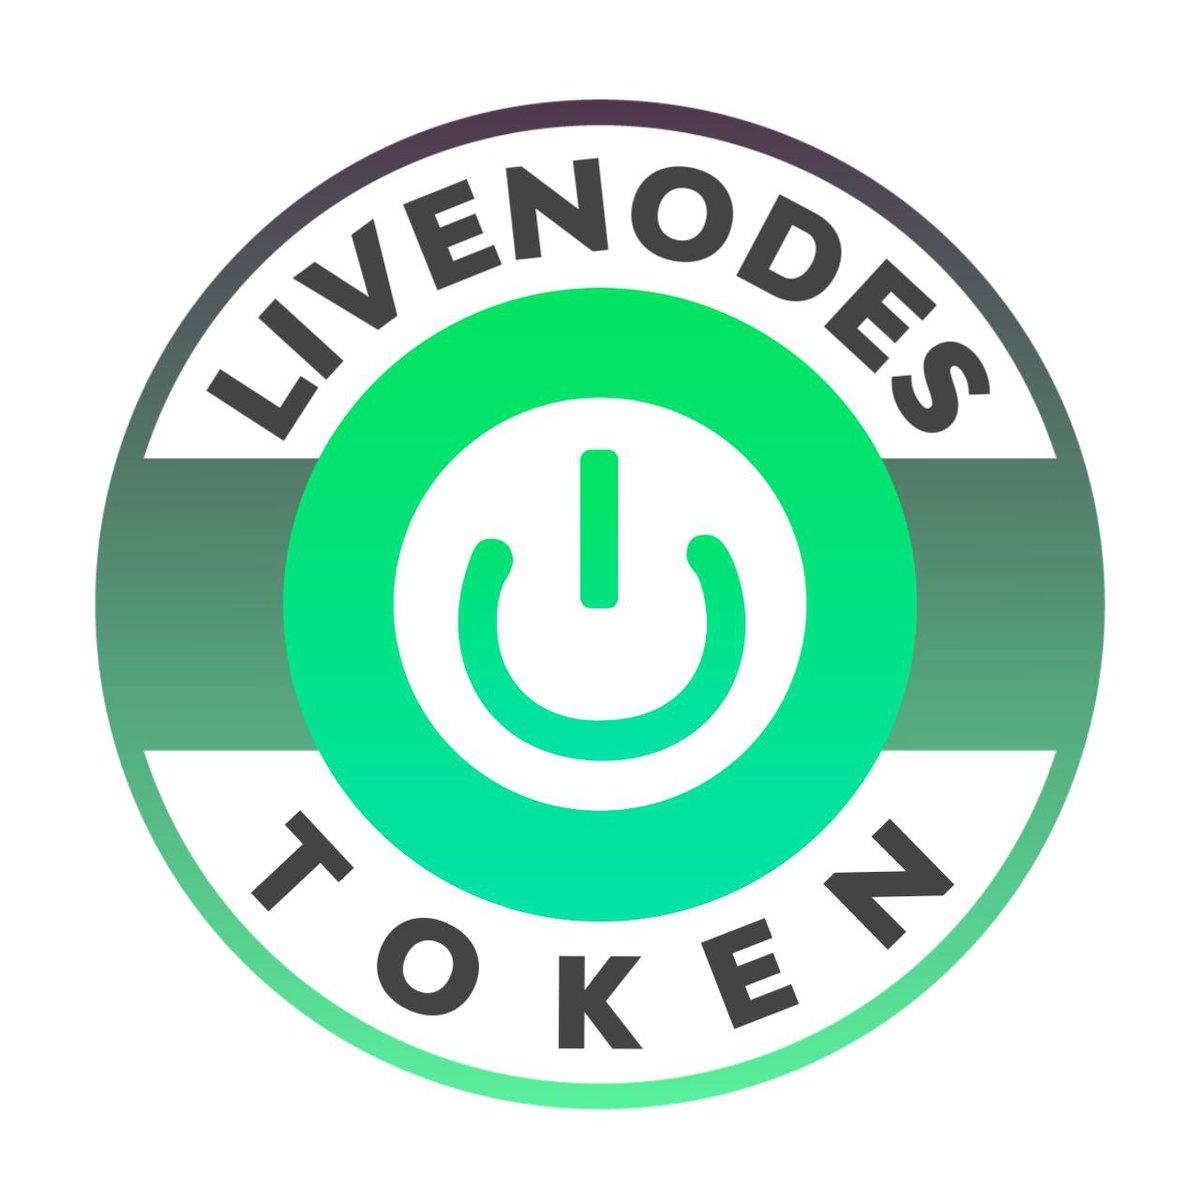 LiveNodes photo